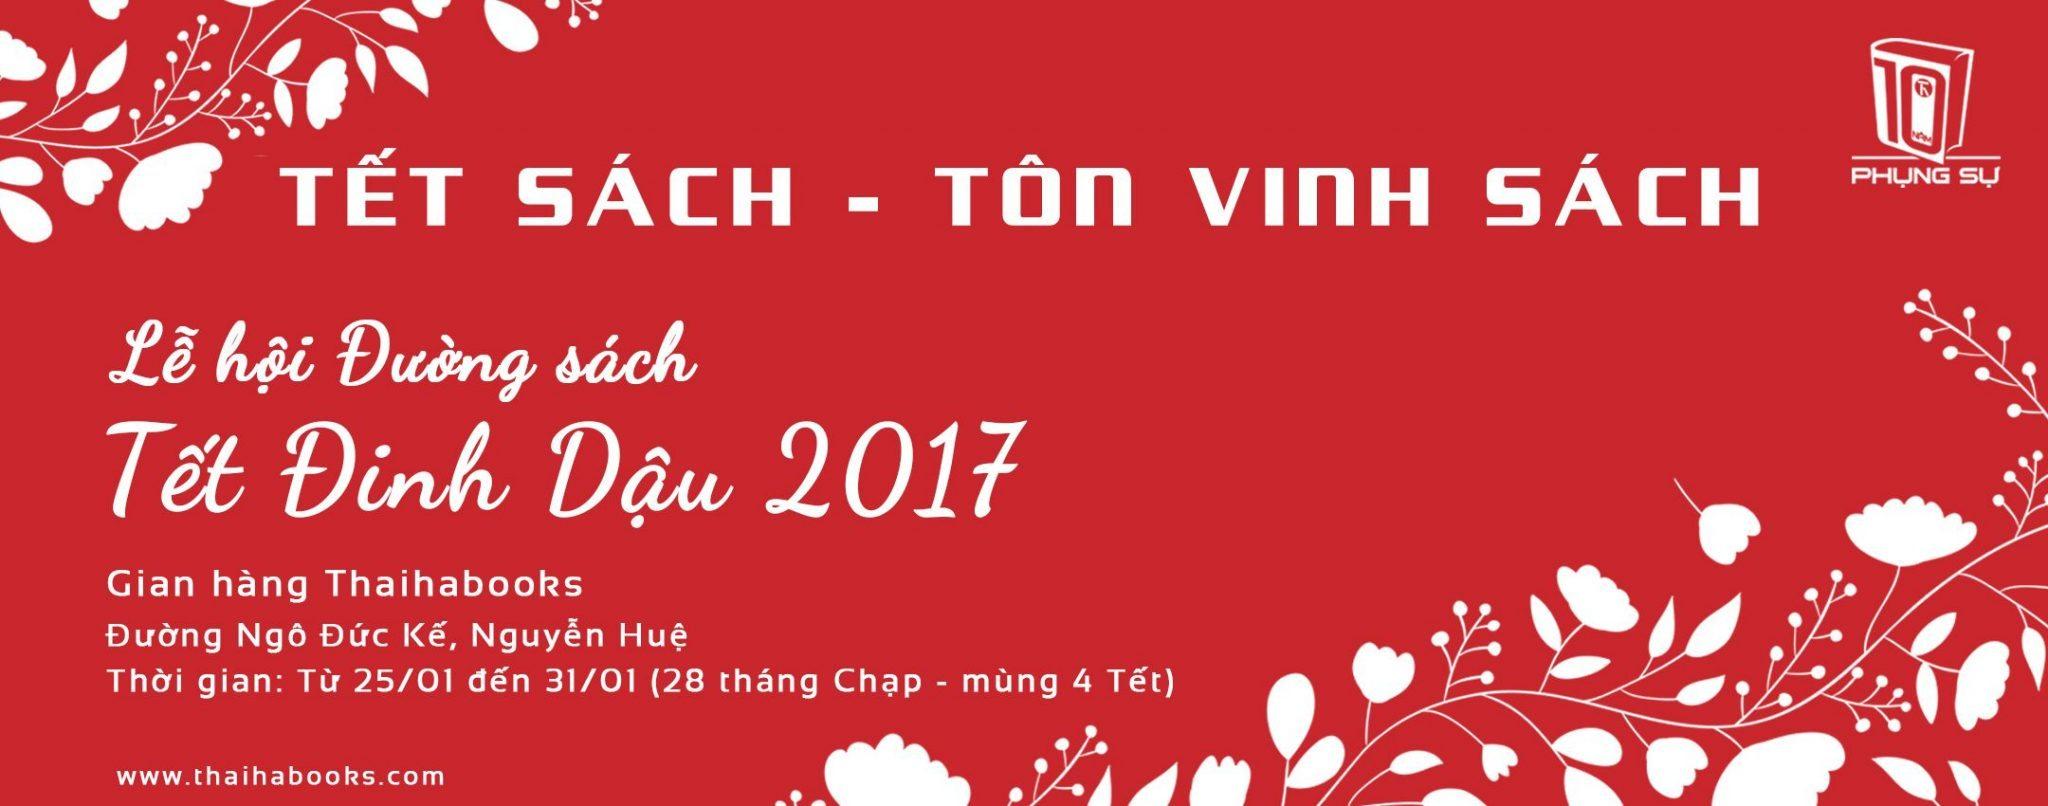 TP.HCM- Lễ hội Đường sách Tết Đinh Dậu 2017